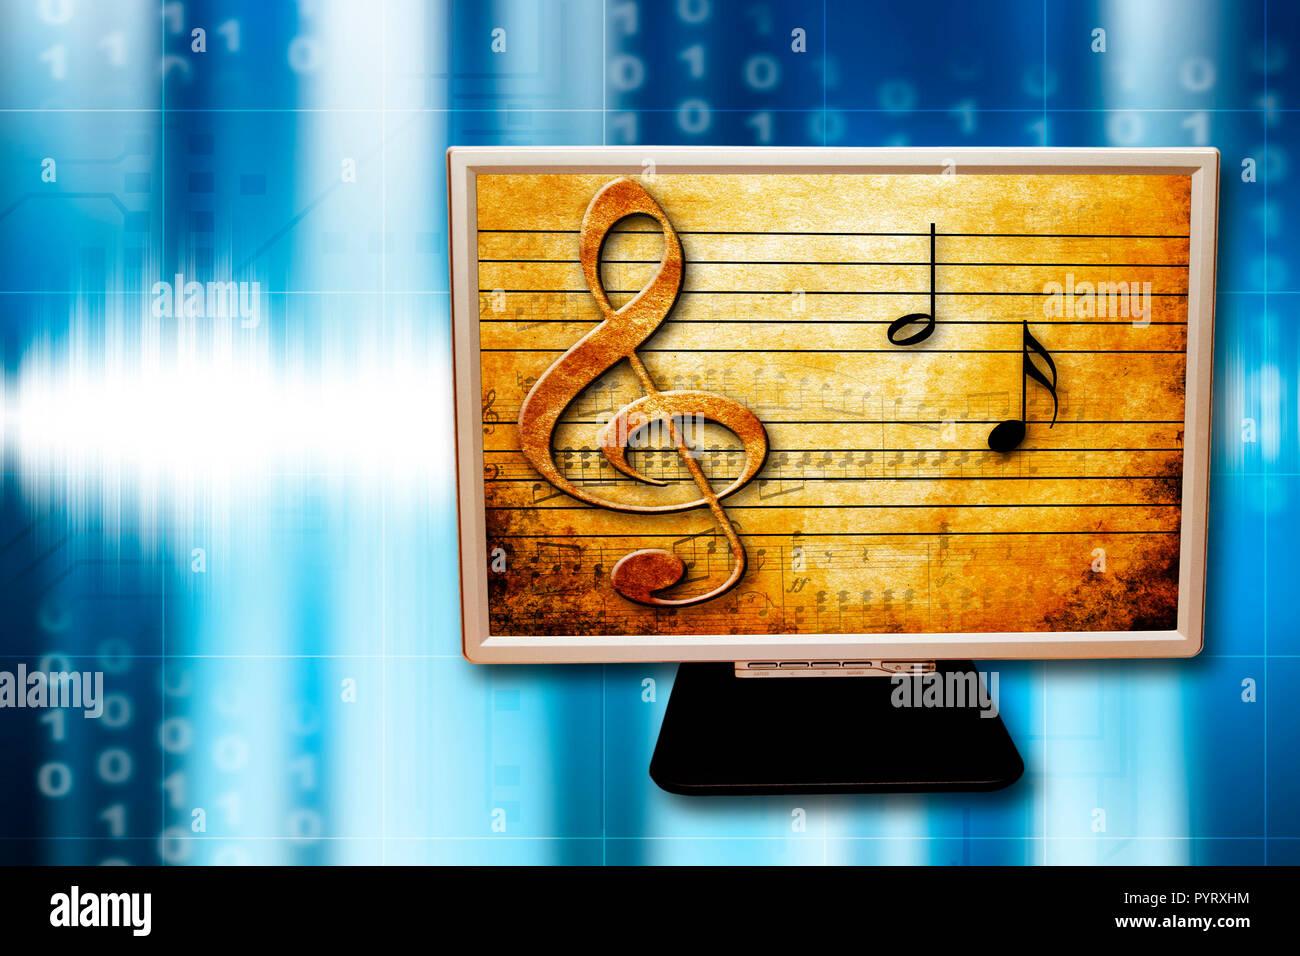 Ilustración conceptual de la música en Internet Imagen De Stock